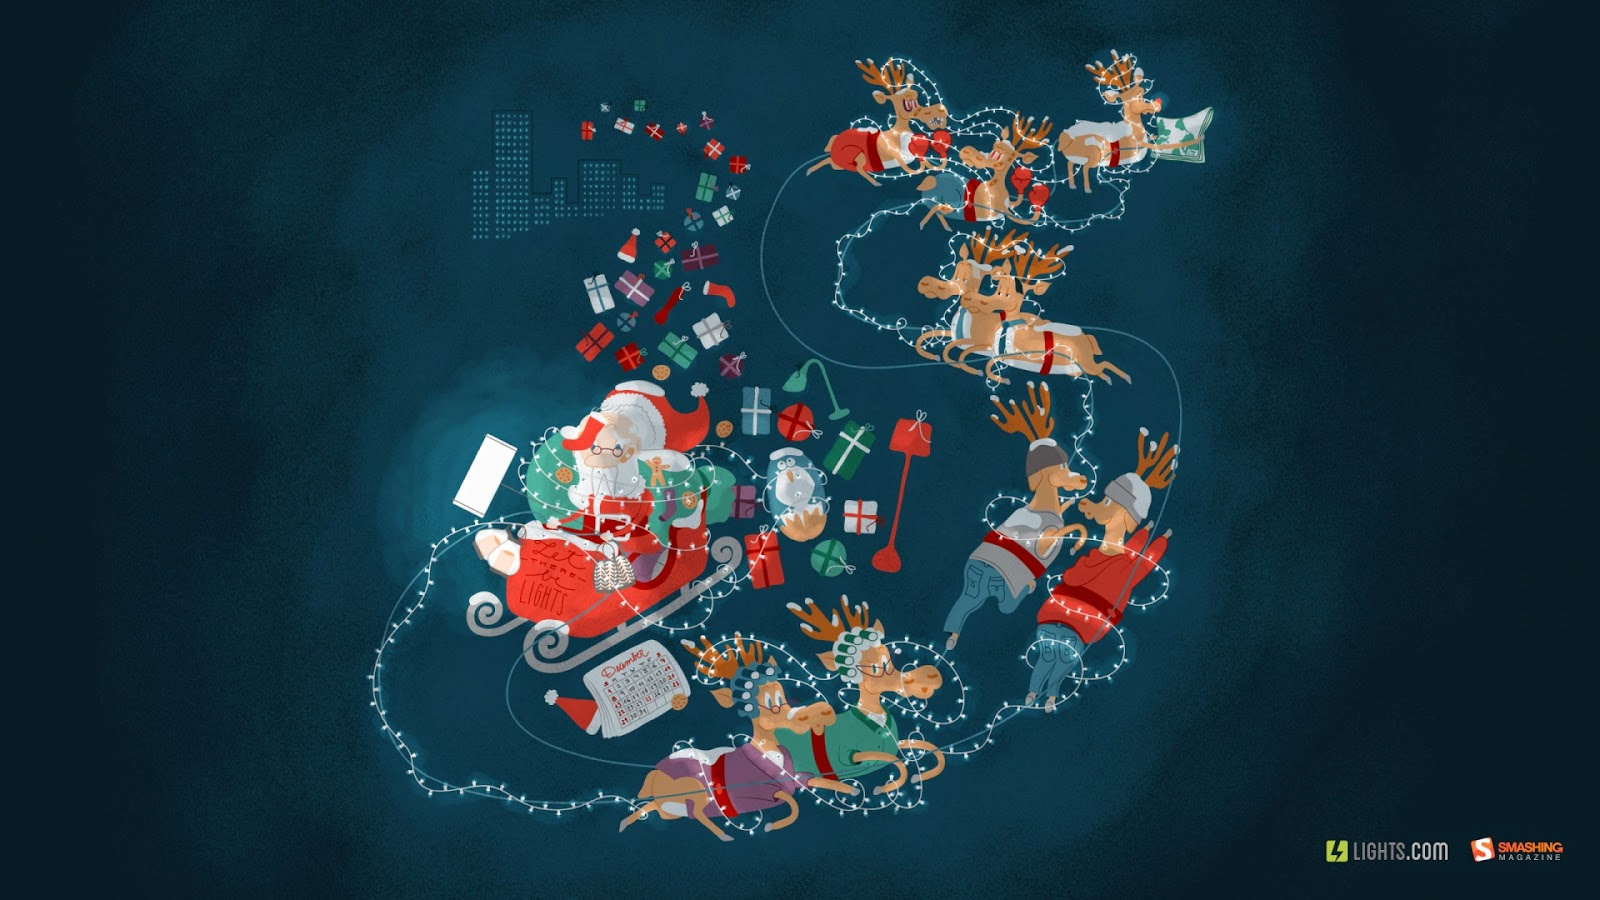 Tải Hình Nền Noel đẹp ấn tượng cho máy tính